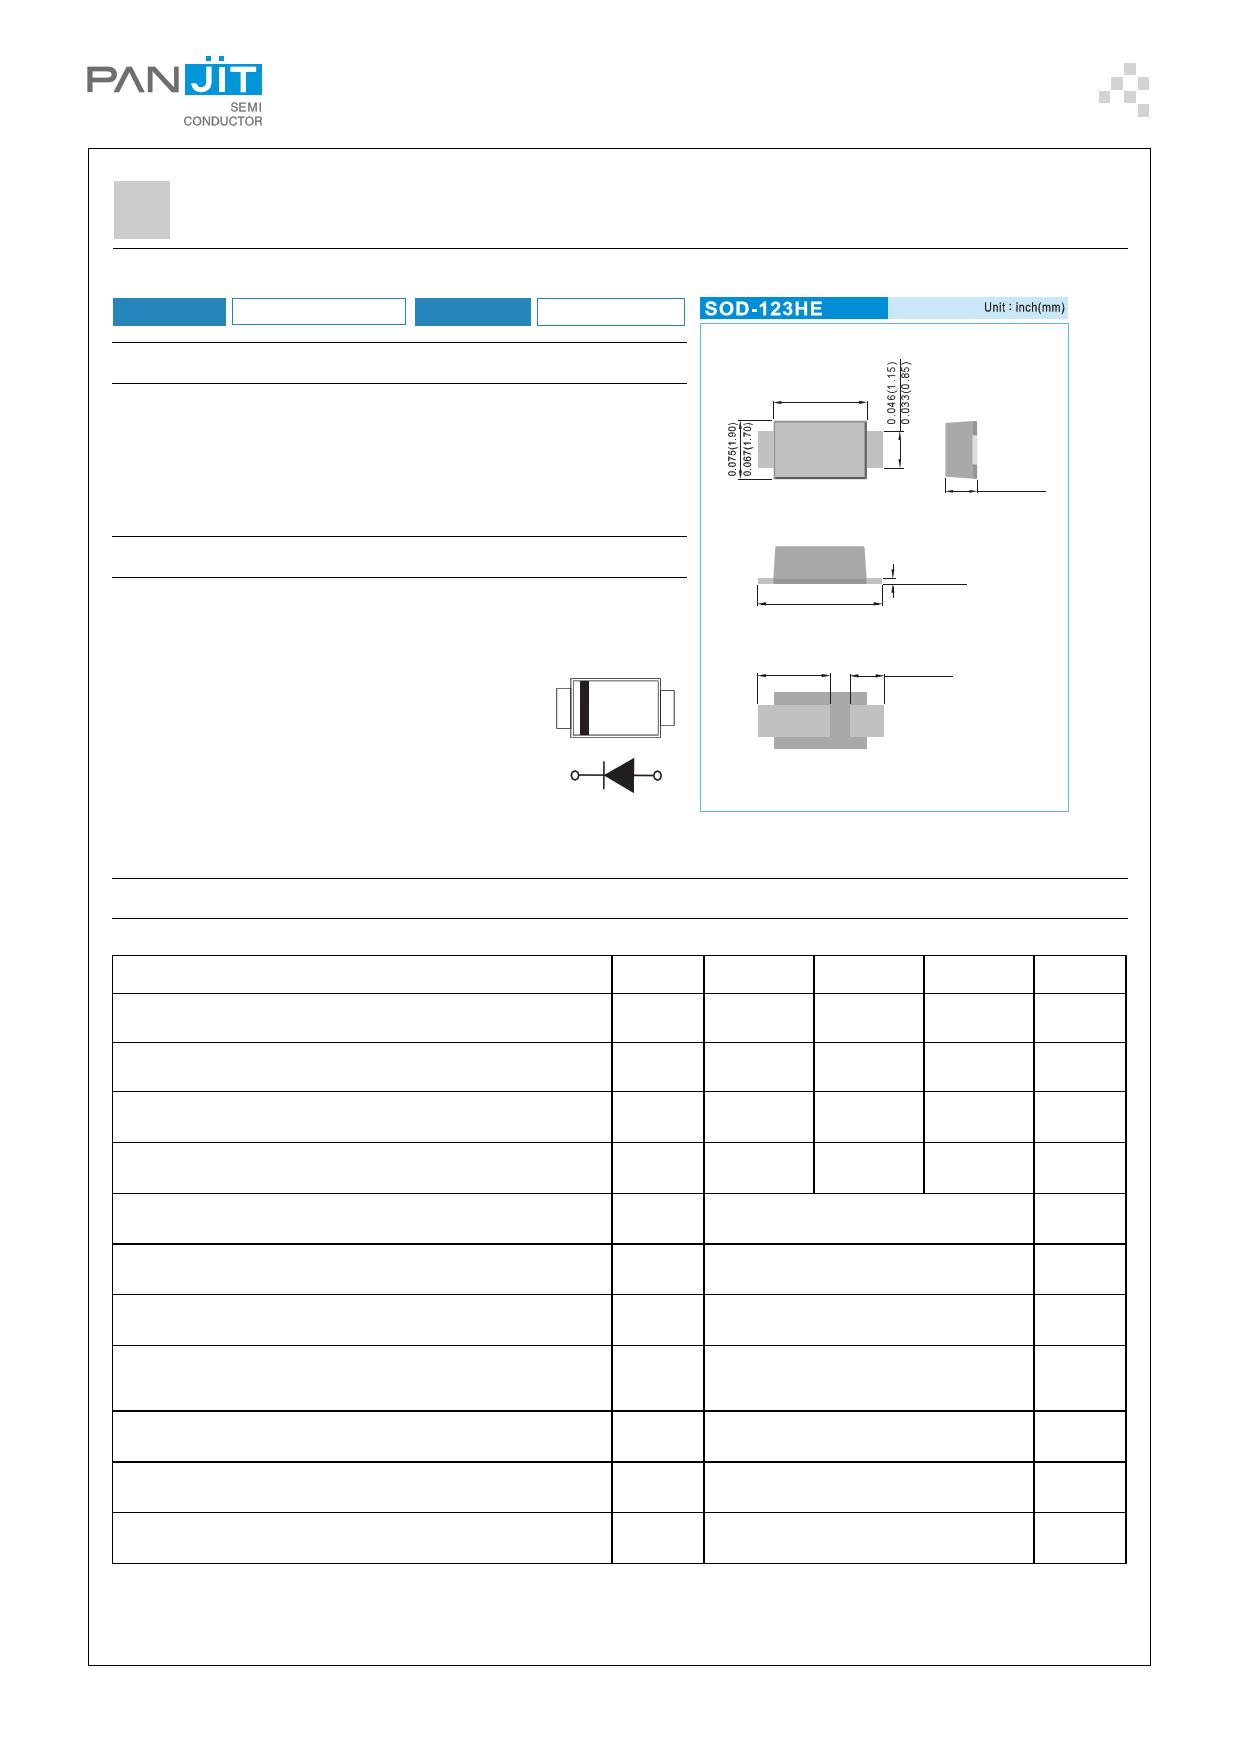 GS2008HE datasheet